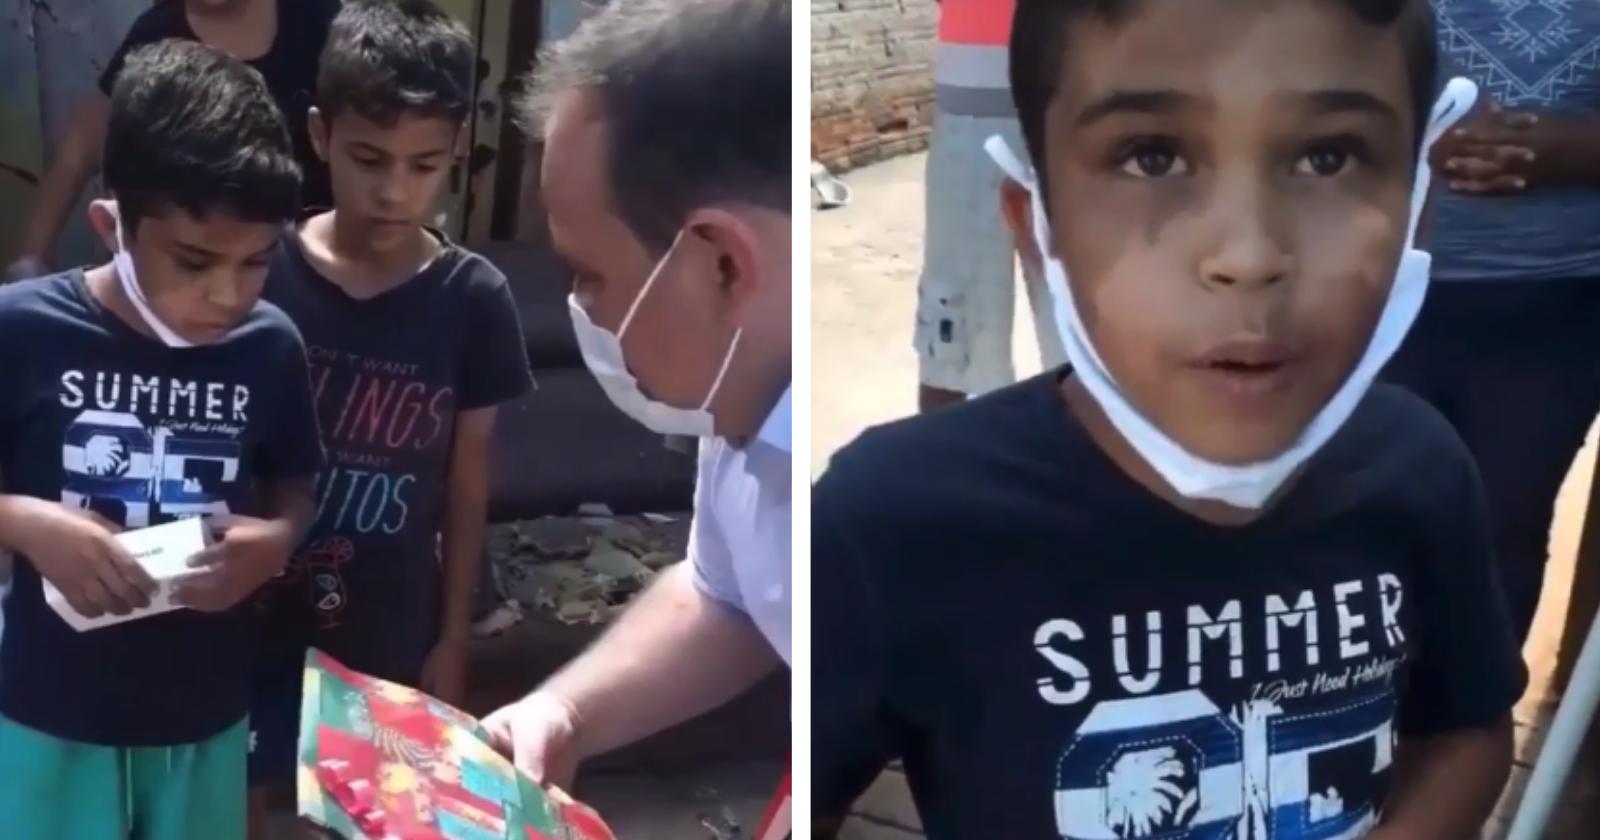 Menino que trabalhou como engraxate para comprar presente para o pai, recebe outra surpresa INCRÍVEL!